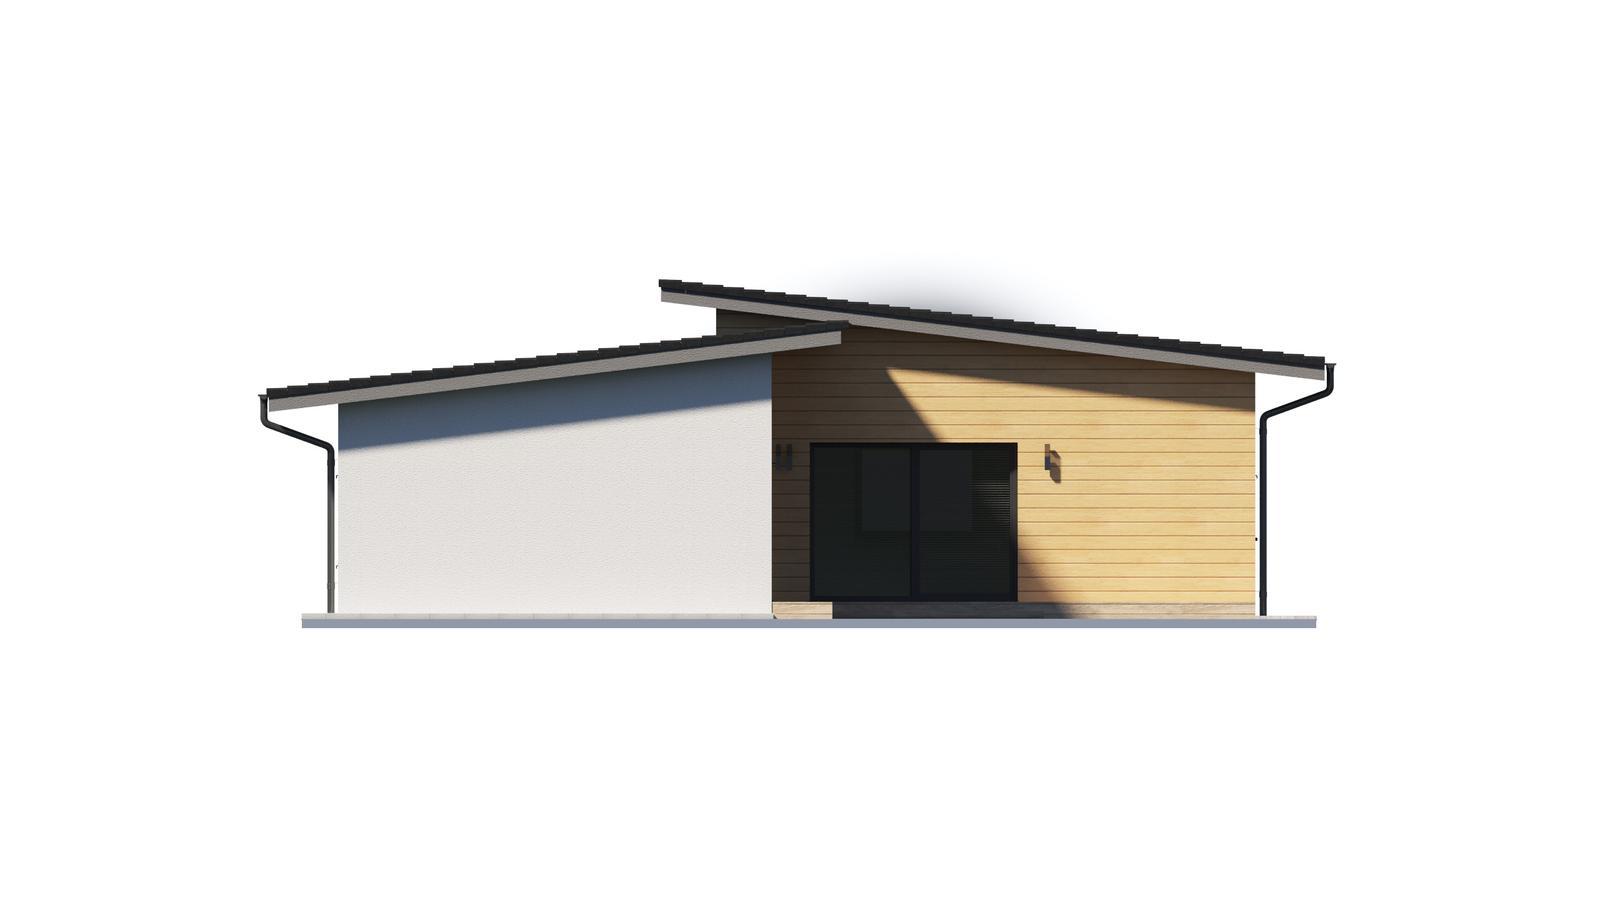 Ďalšie ukážky návrhov domčekov pre Vás - www.rodinny-dom.eu - Obrázok č. 12